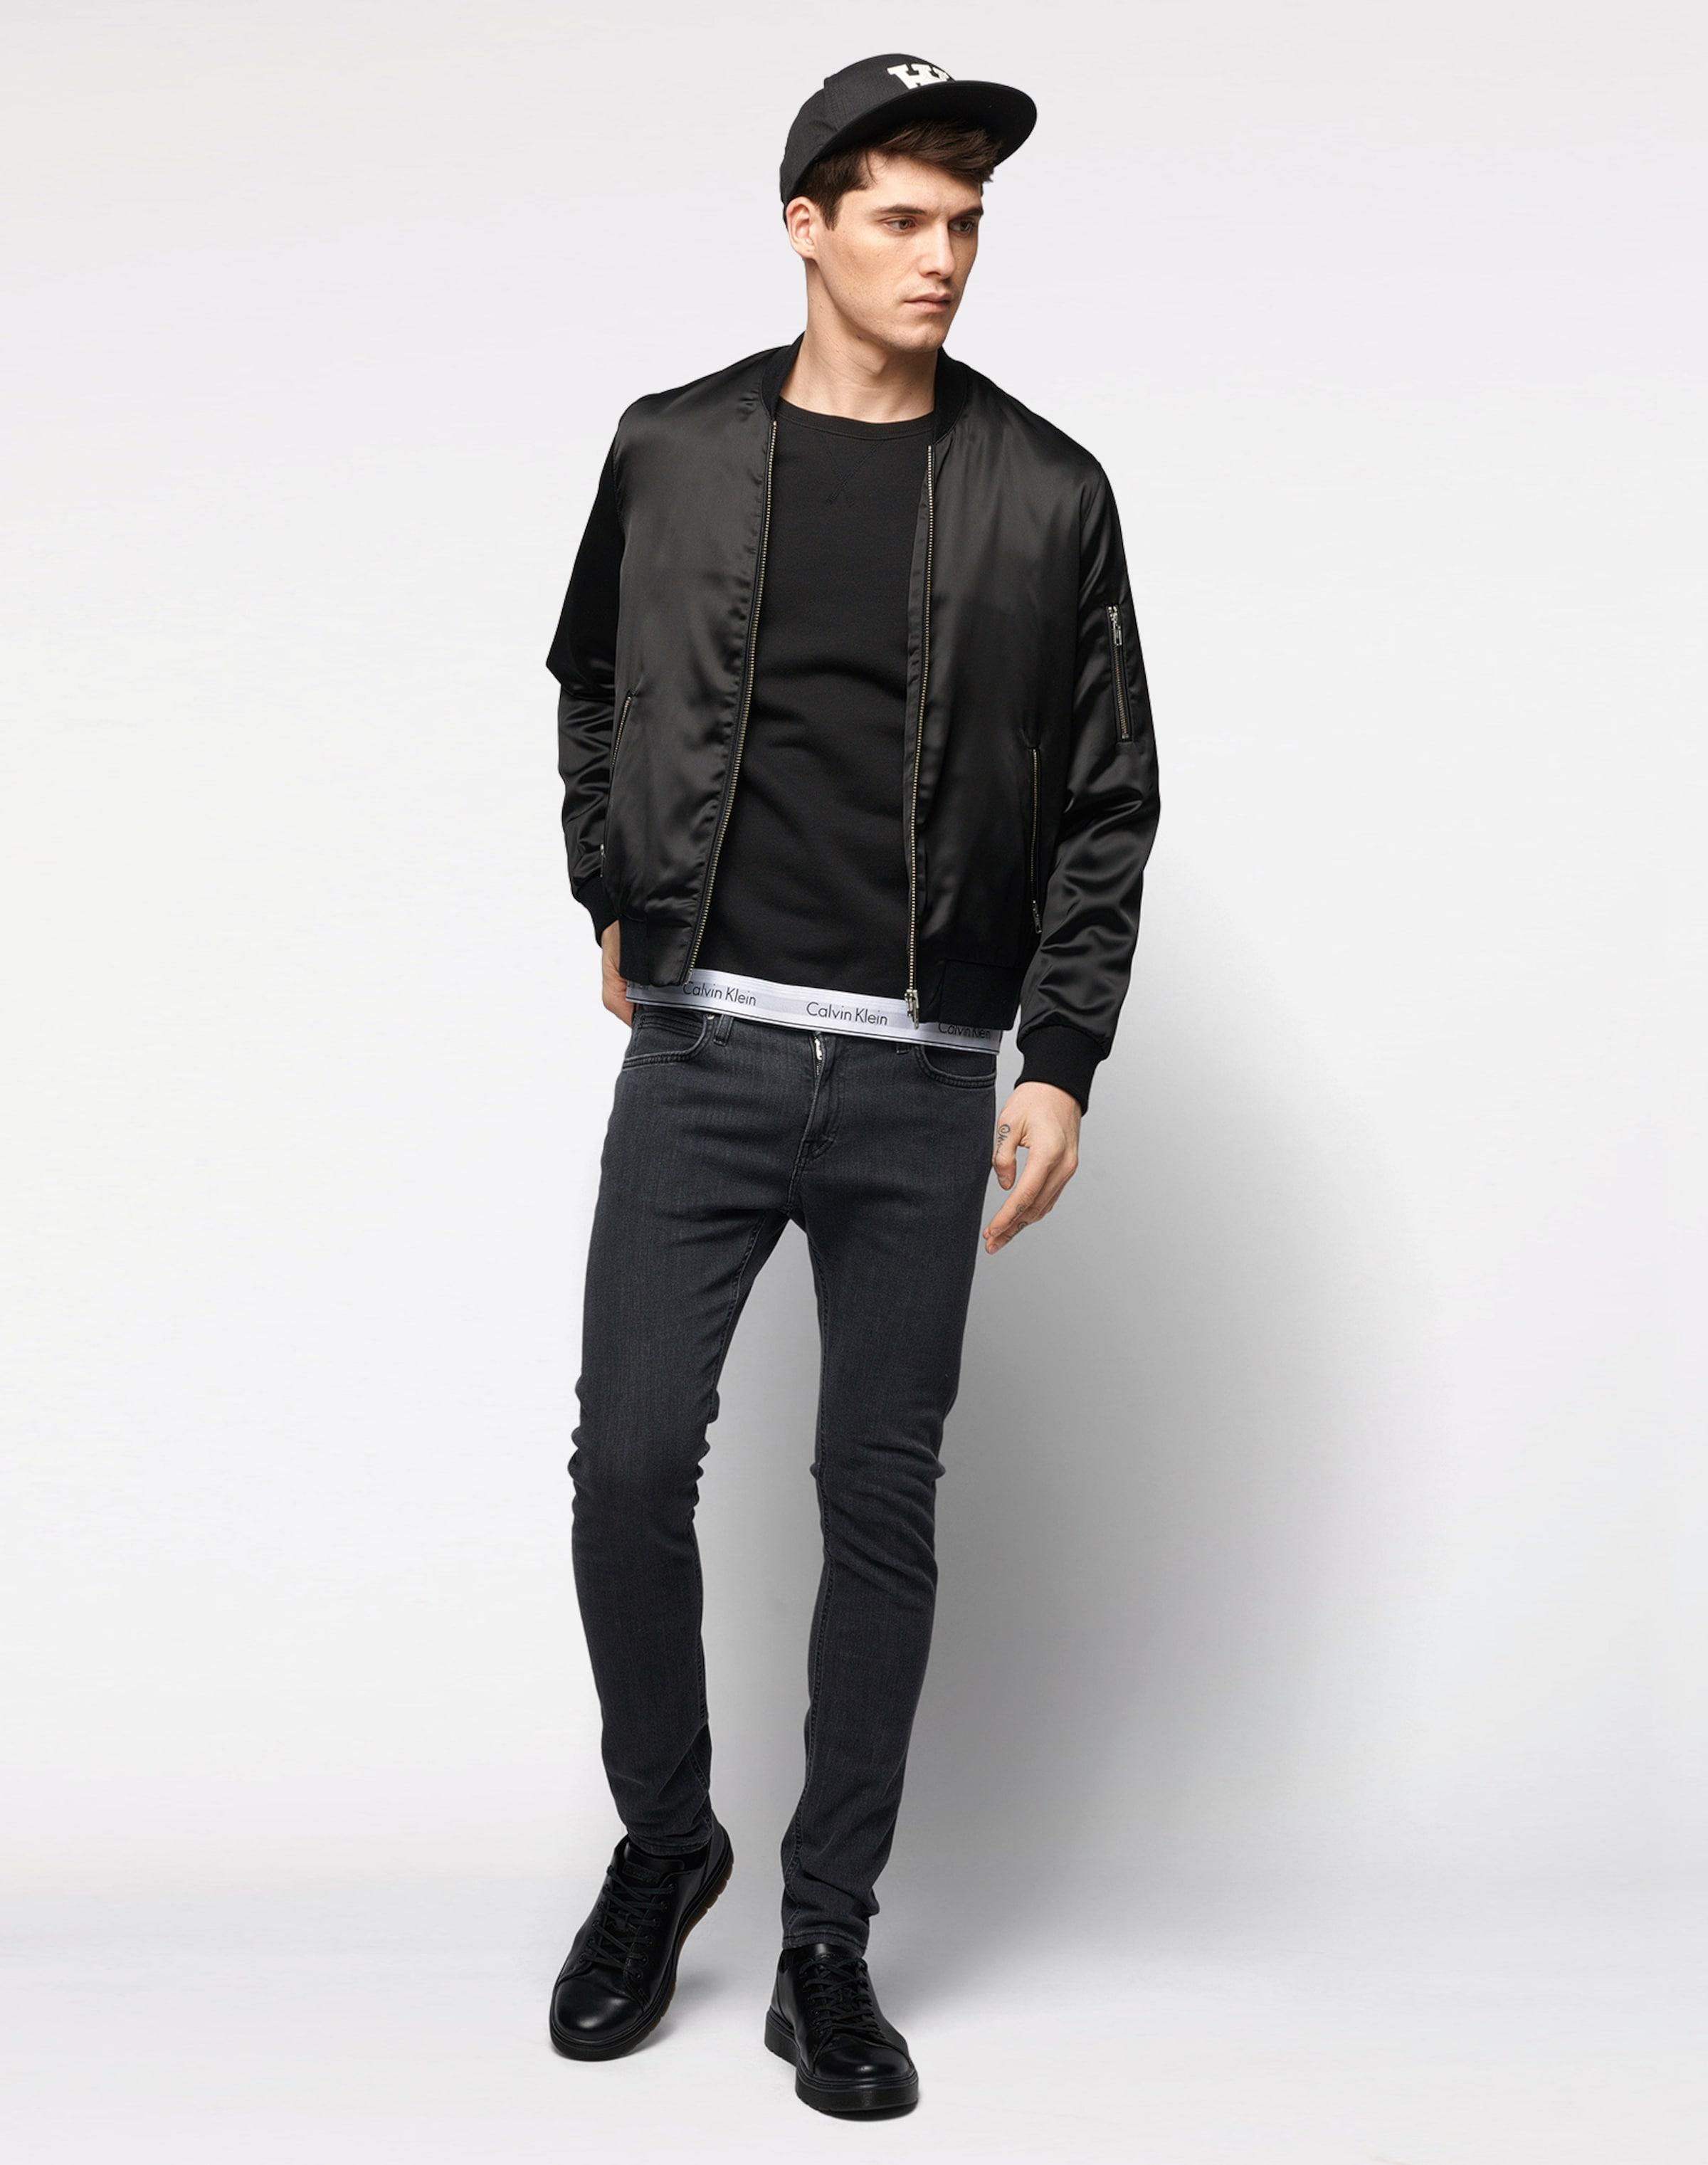 Billig Verkauf Genießen 100% Authentisch Calvin Klein underwear Unifarbenes Sweatshirt Auslass Niedriger Preis Marktfähig Günstiger Preis Mode Günstig Online hLWwY